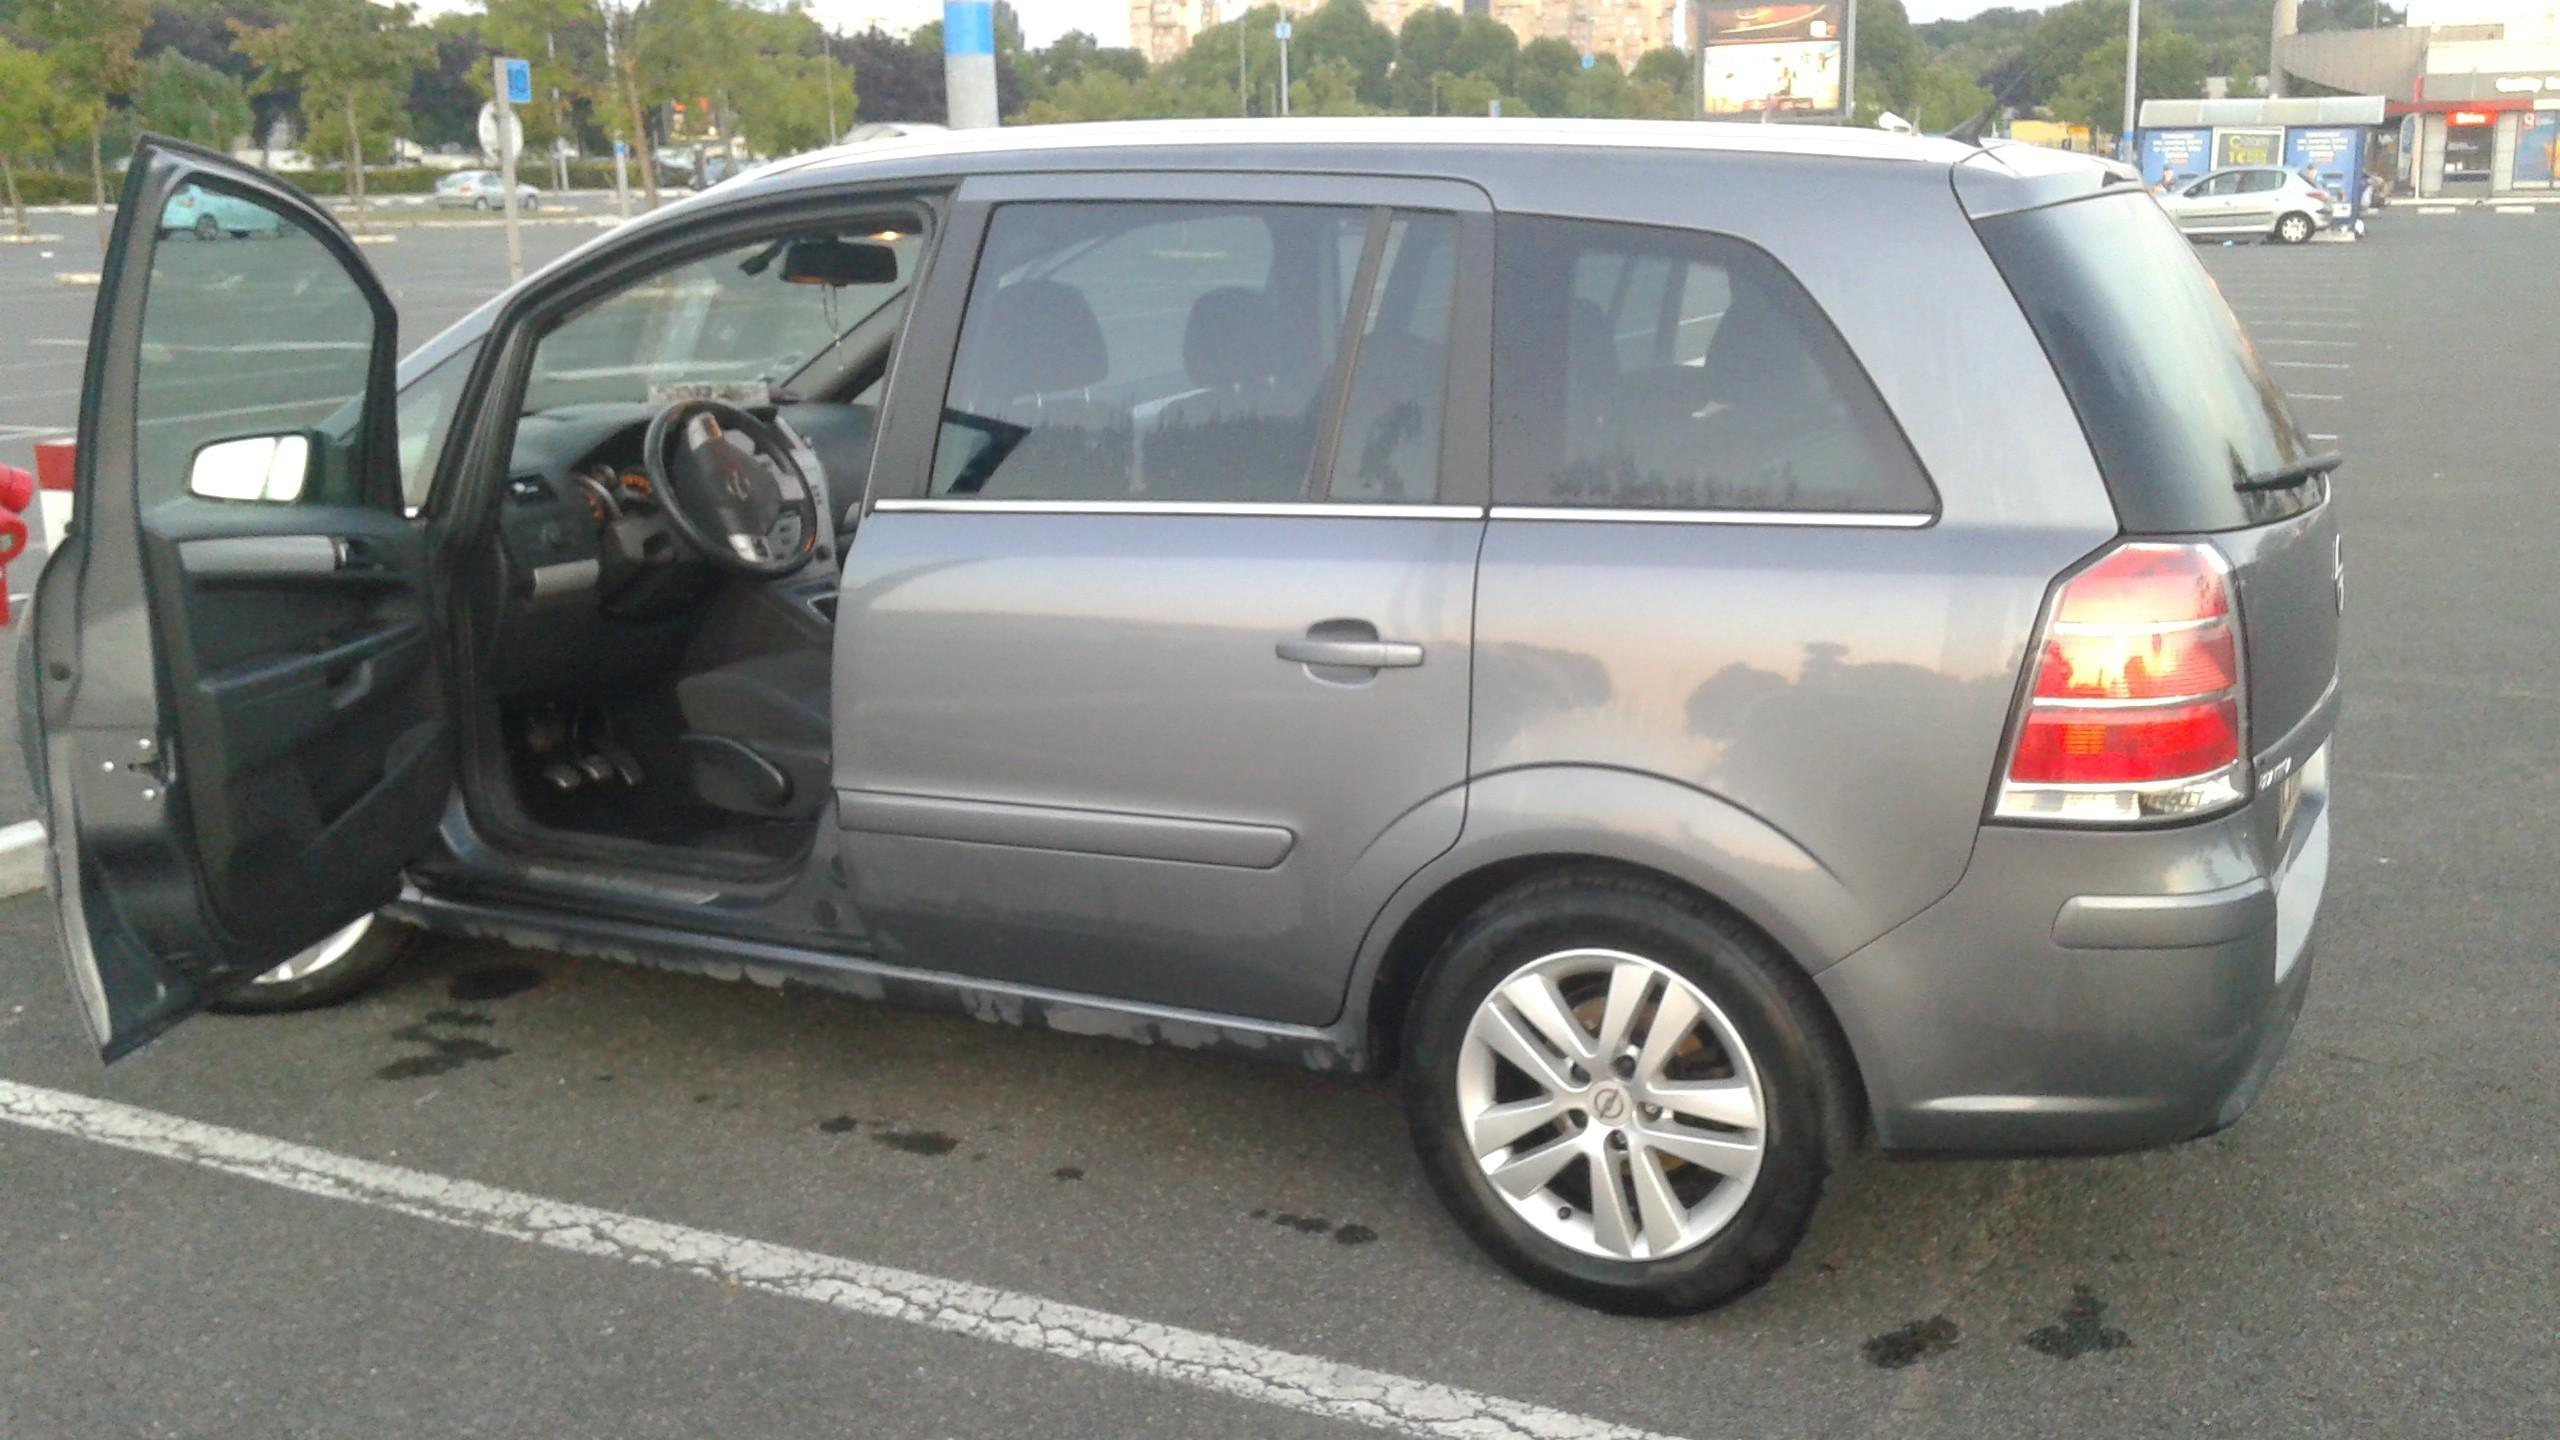 Opel Zafira B 1.9 CDTI Diesel Manuelle 2008 Villepinte